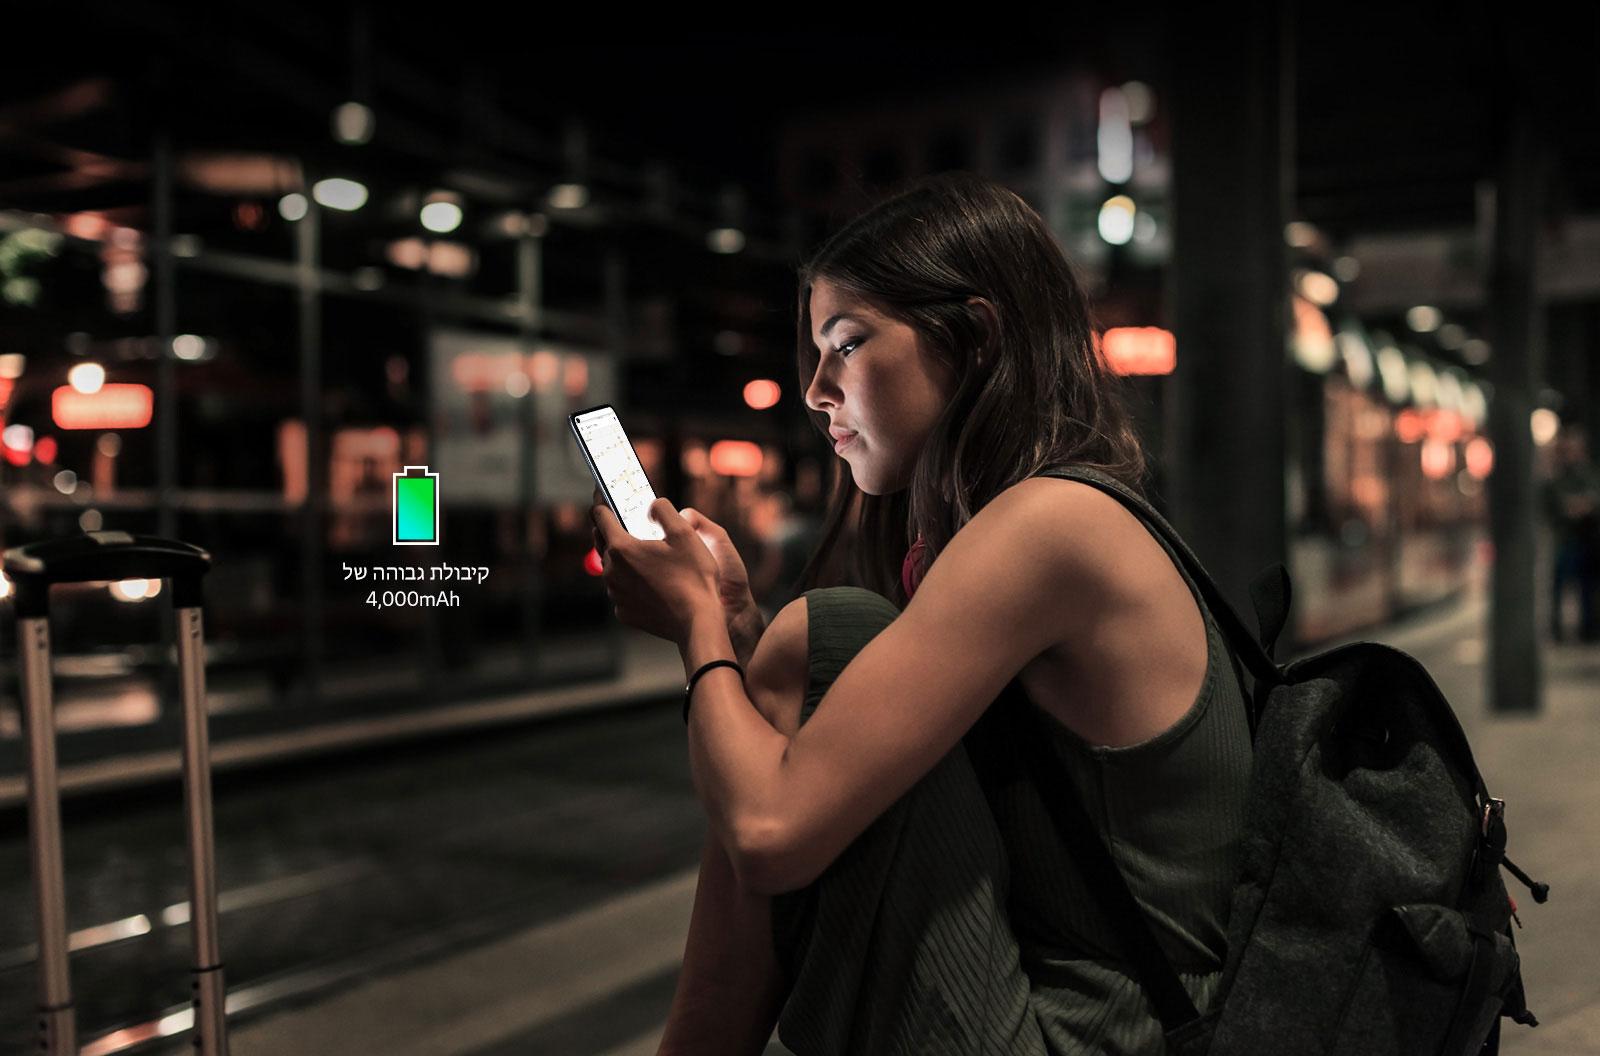 אשה גולשת באינטרנט דרך טלפון חכם מאוחר בלילה בתחנת רכבת עם שפע סוללה